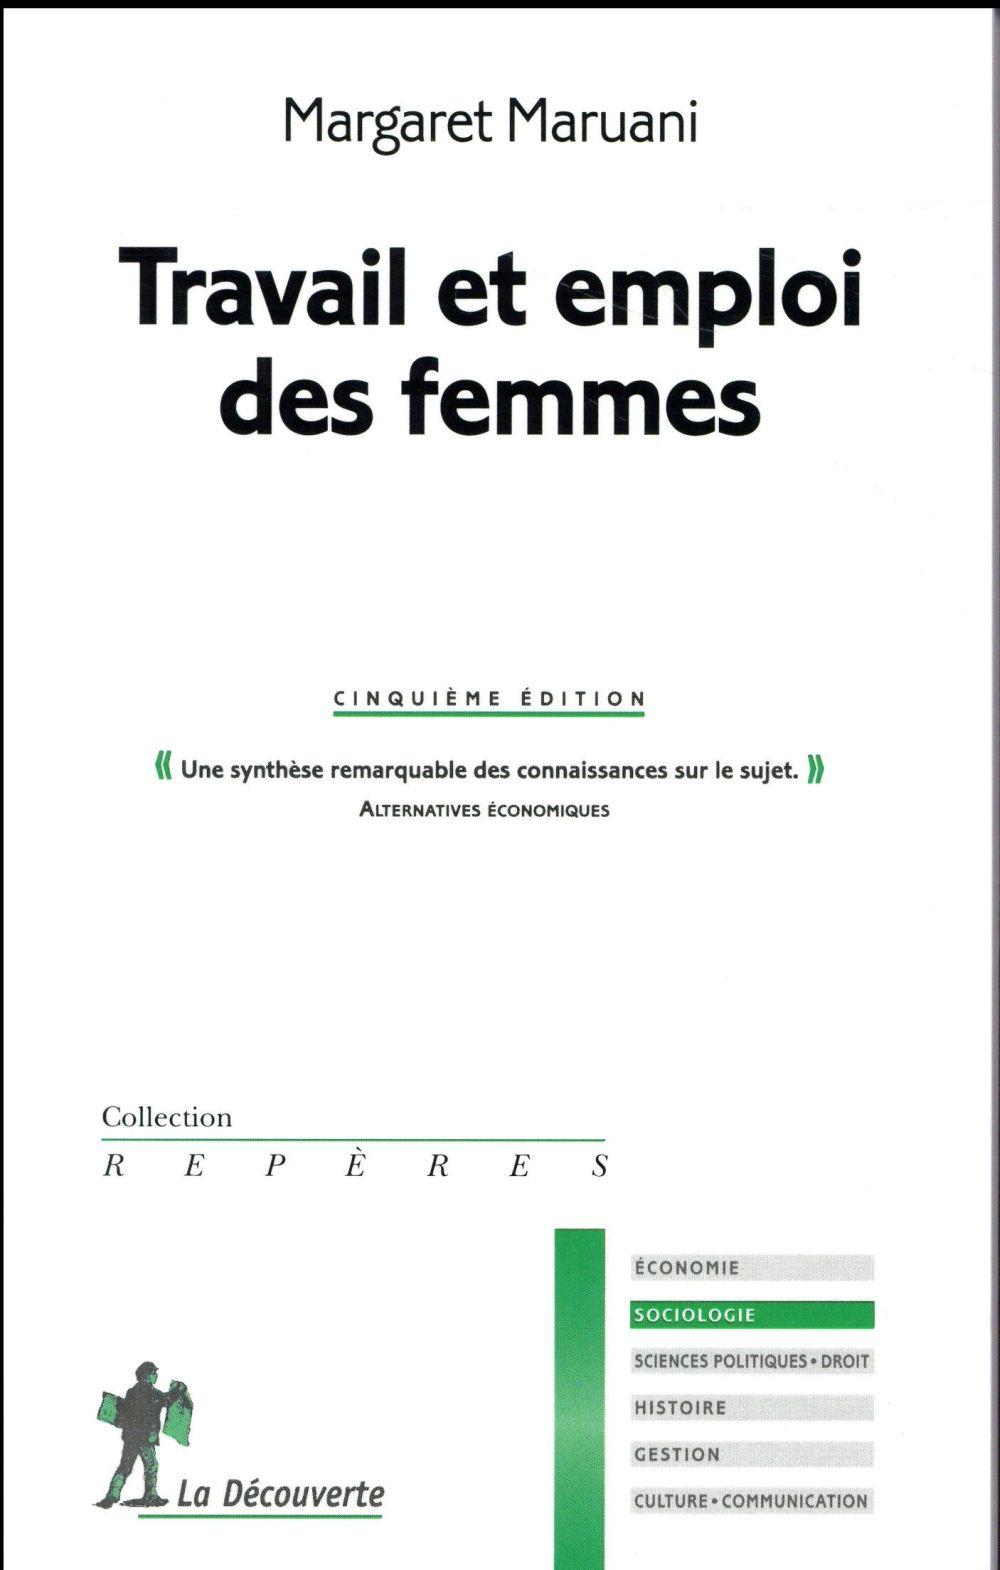 TRAVAIL ET EMPLOI DES FEMMES (